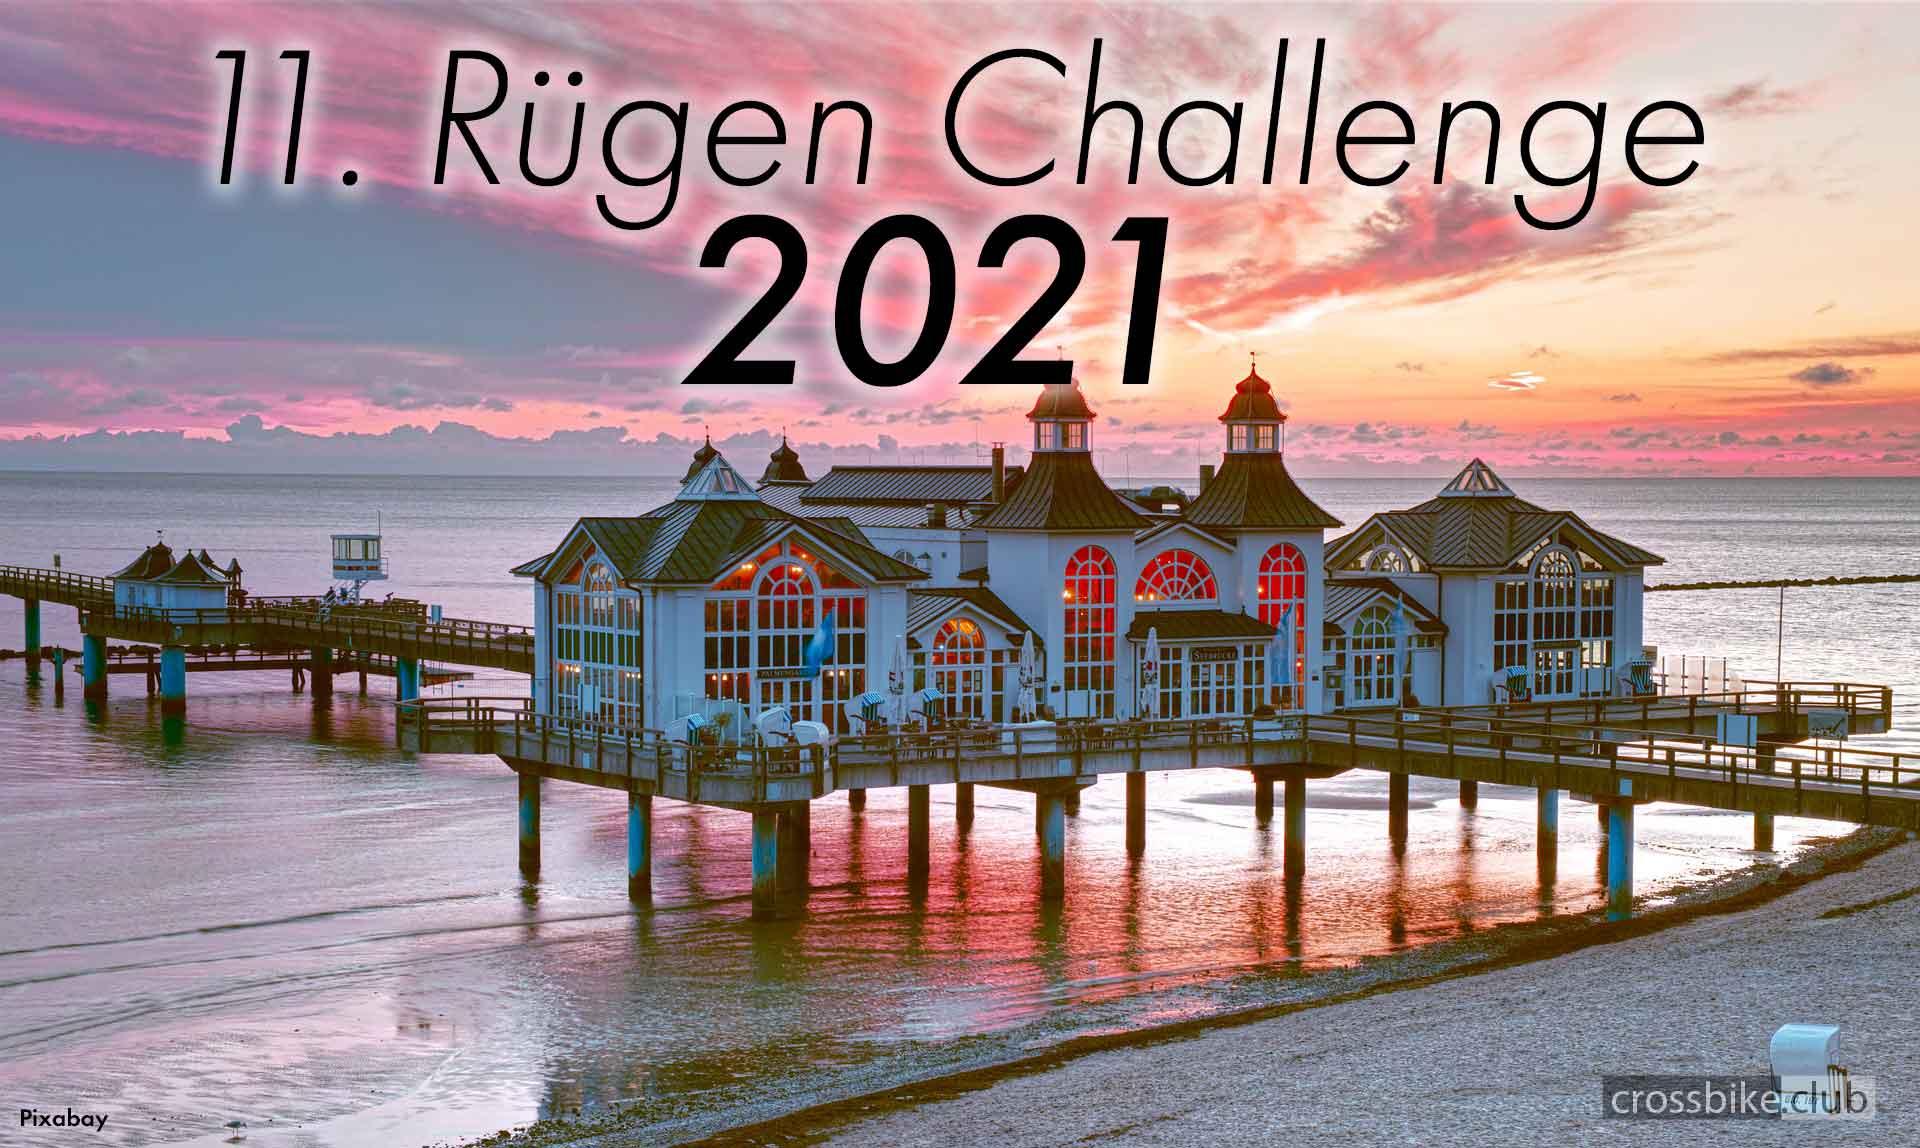 11. Rügen Challenge 2021